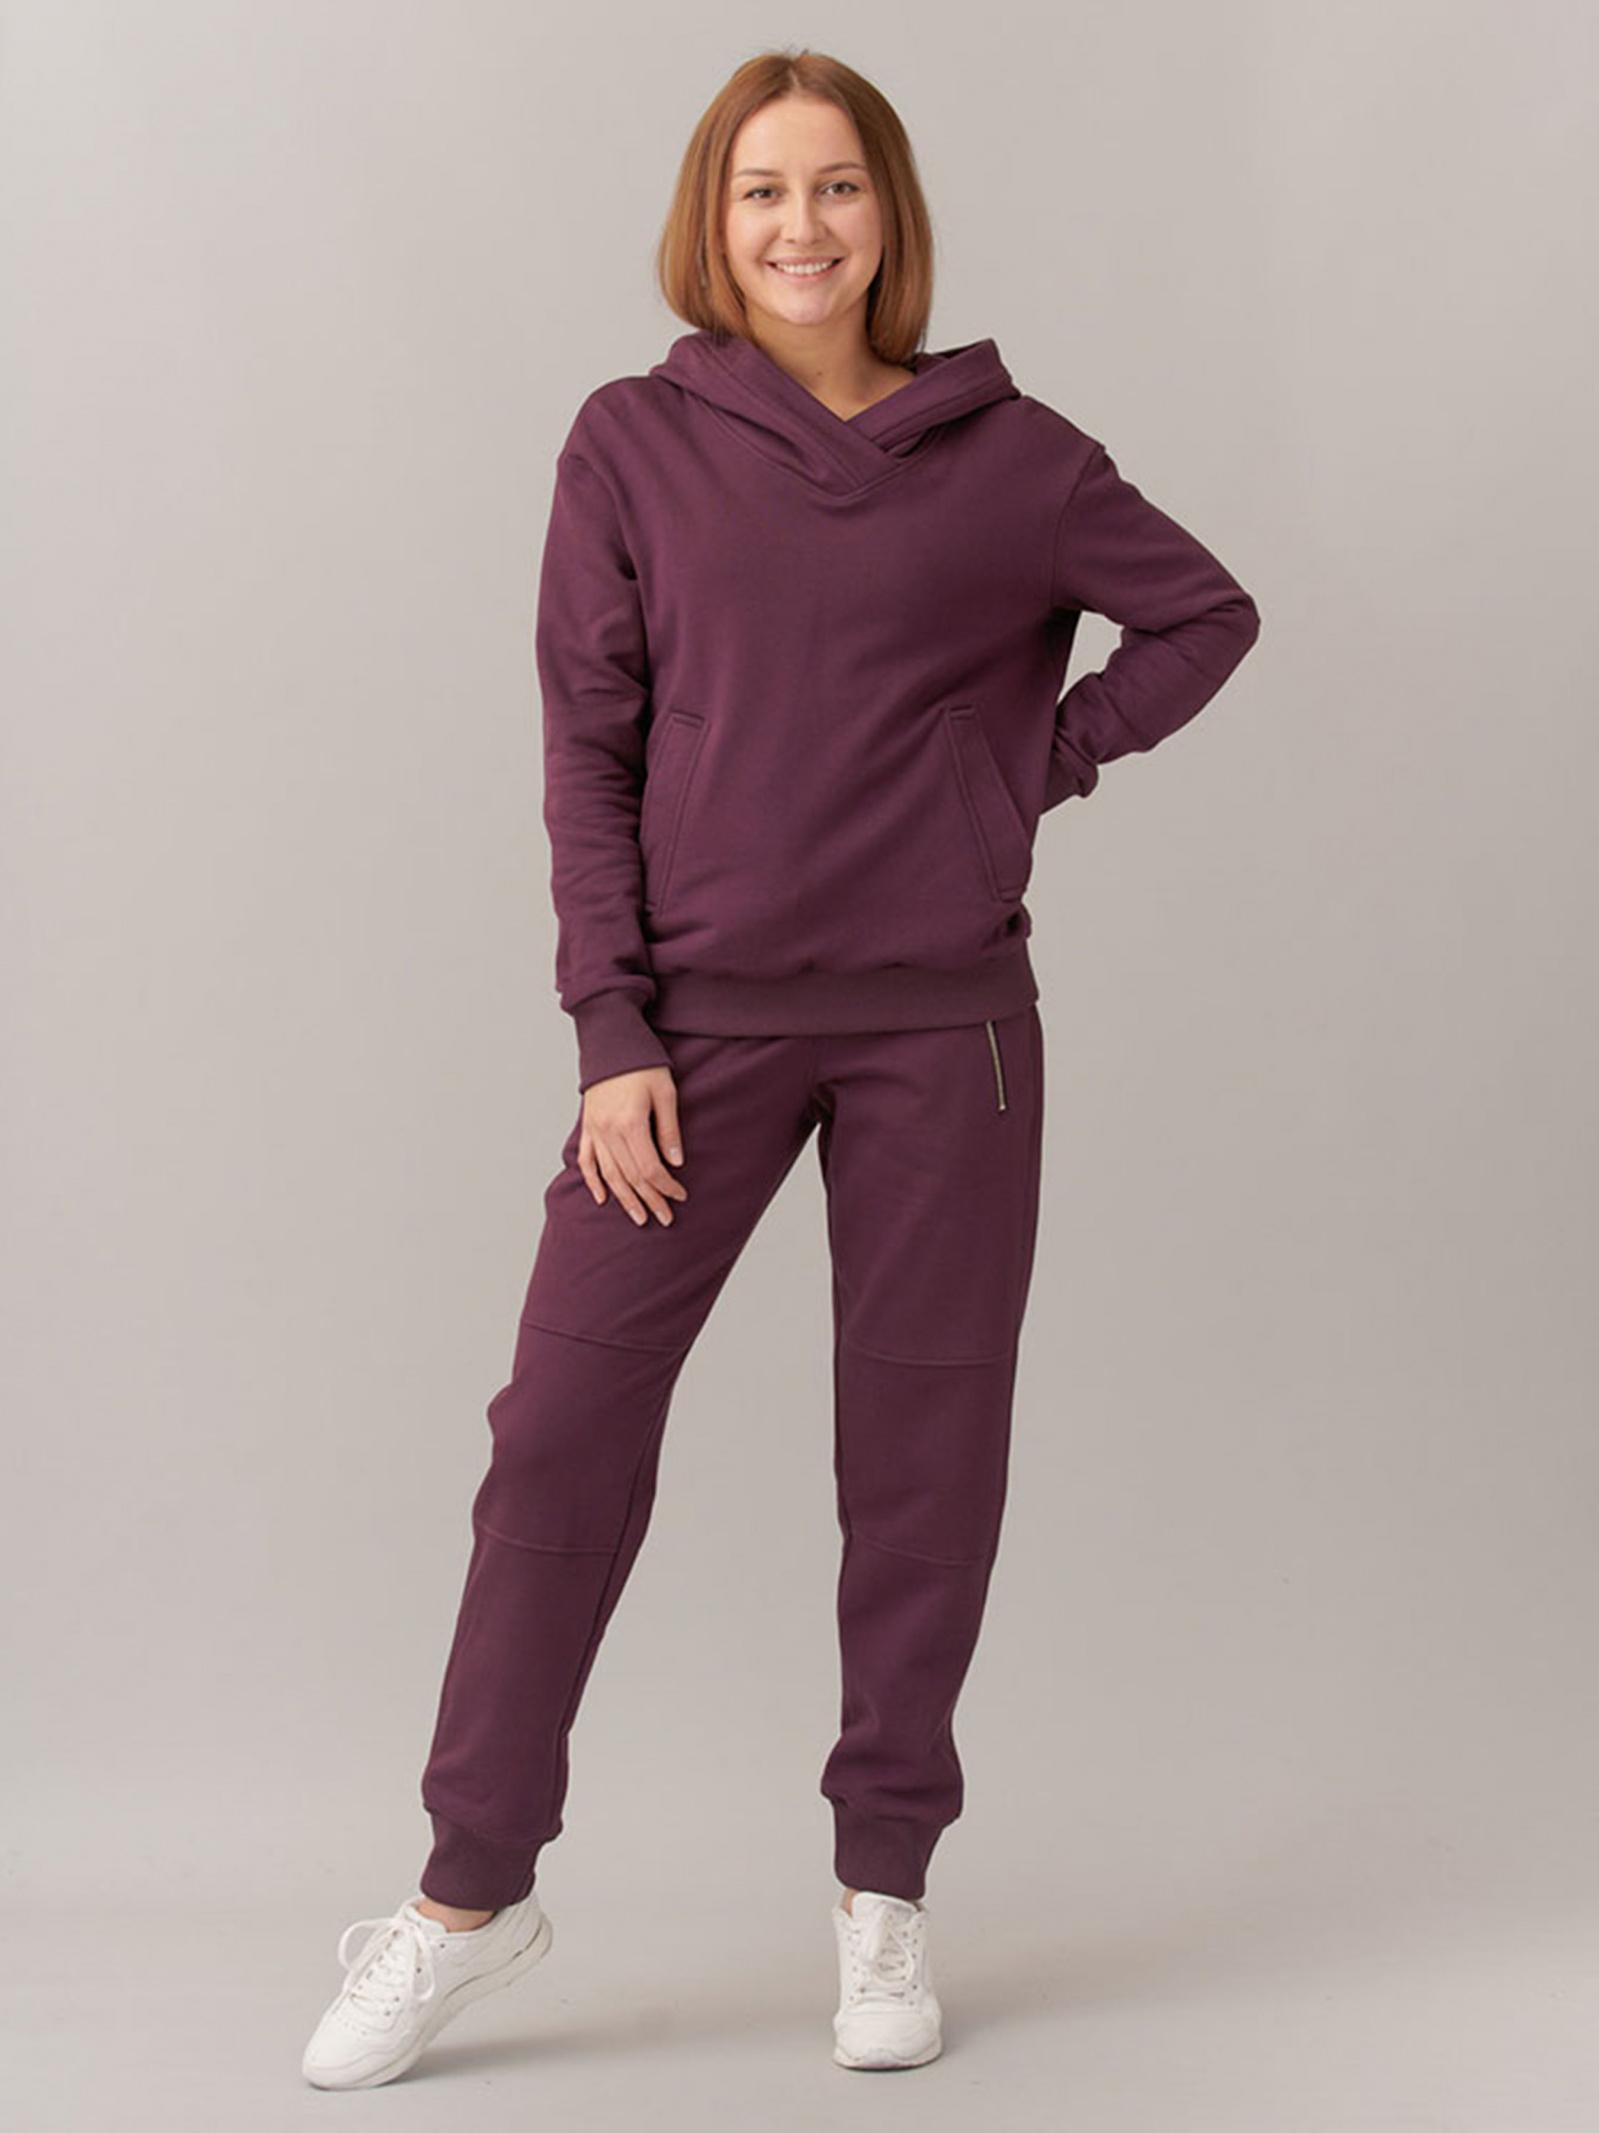 Promin Кофти та светри жіночі модель 2080-21 Т.СЛИВОВИЙ ціна, 2017